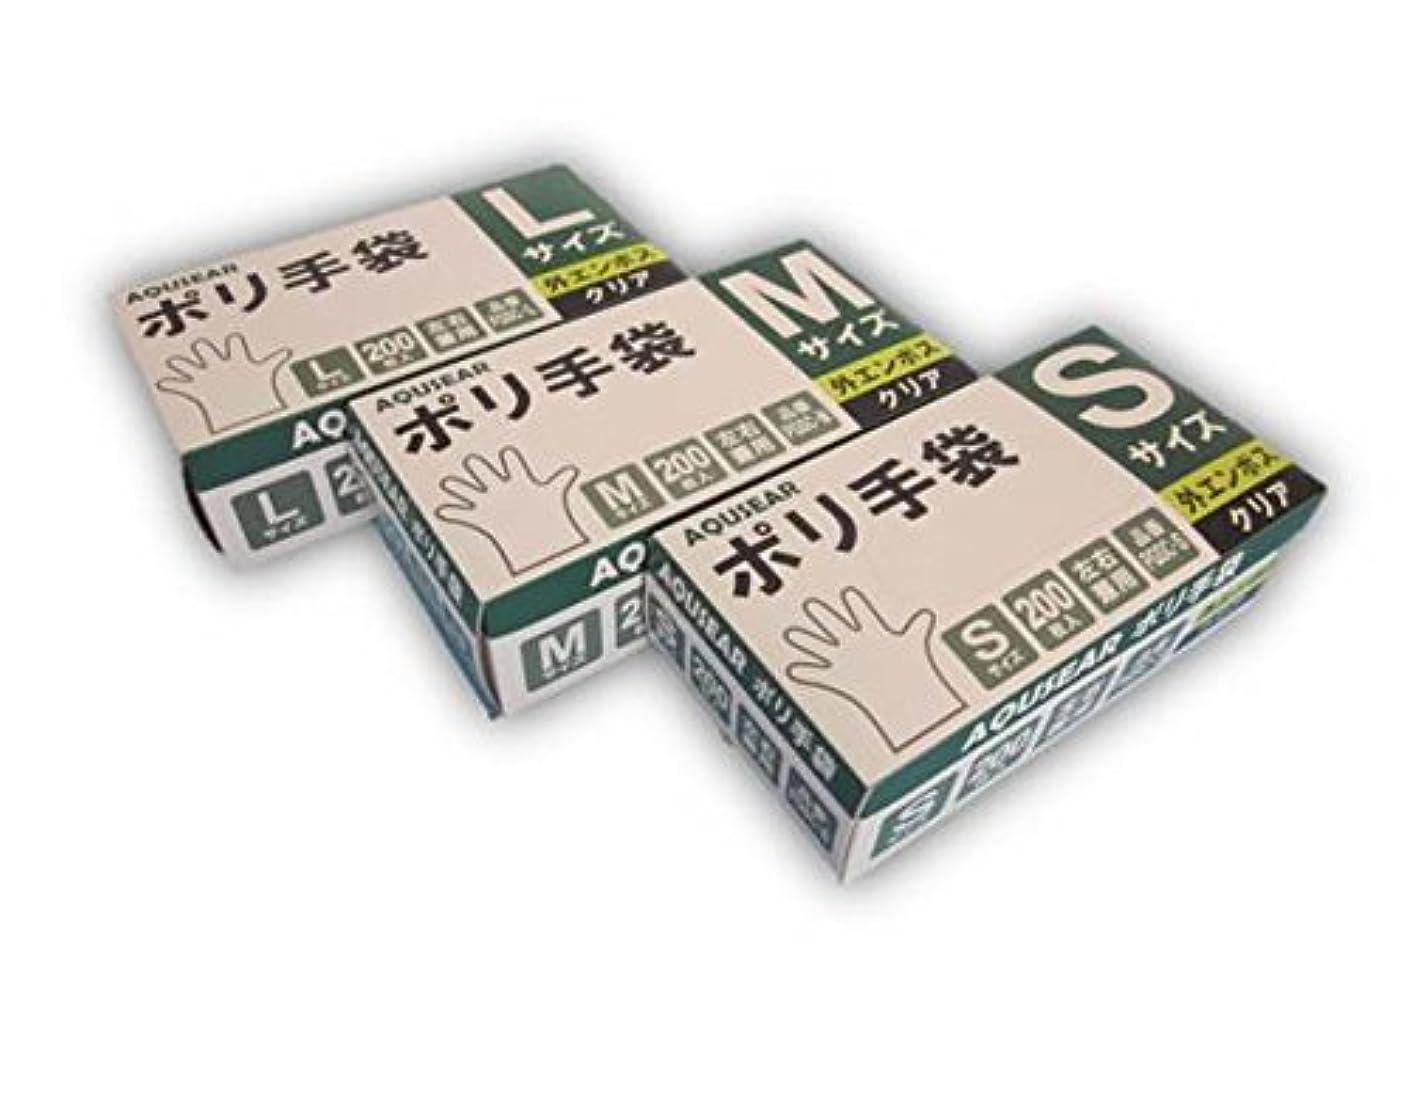 AQUSEAR ポリ手袋 外エンボス M クリア PGSC-M 1ケース4,000枚(200枚×20箱)